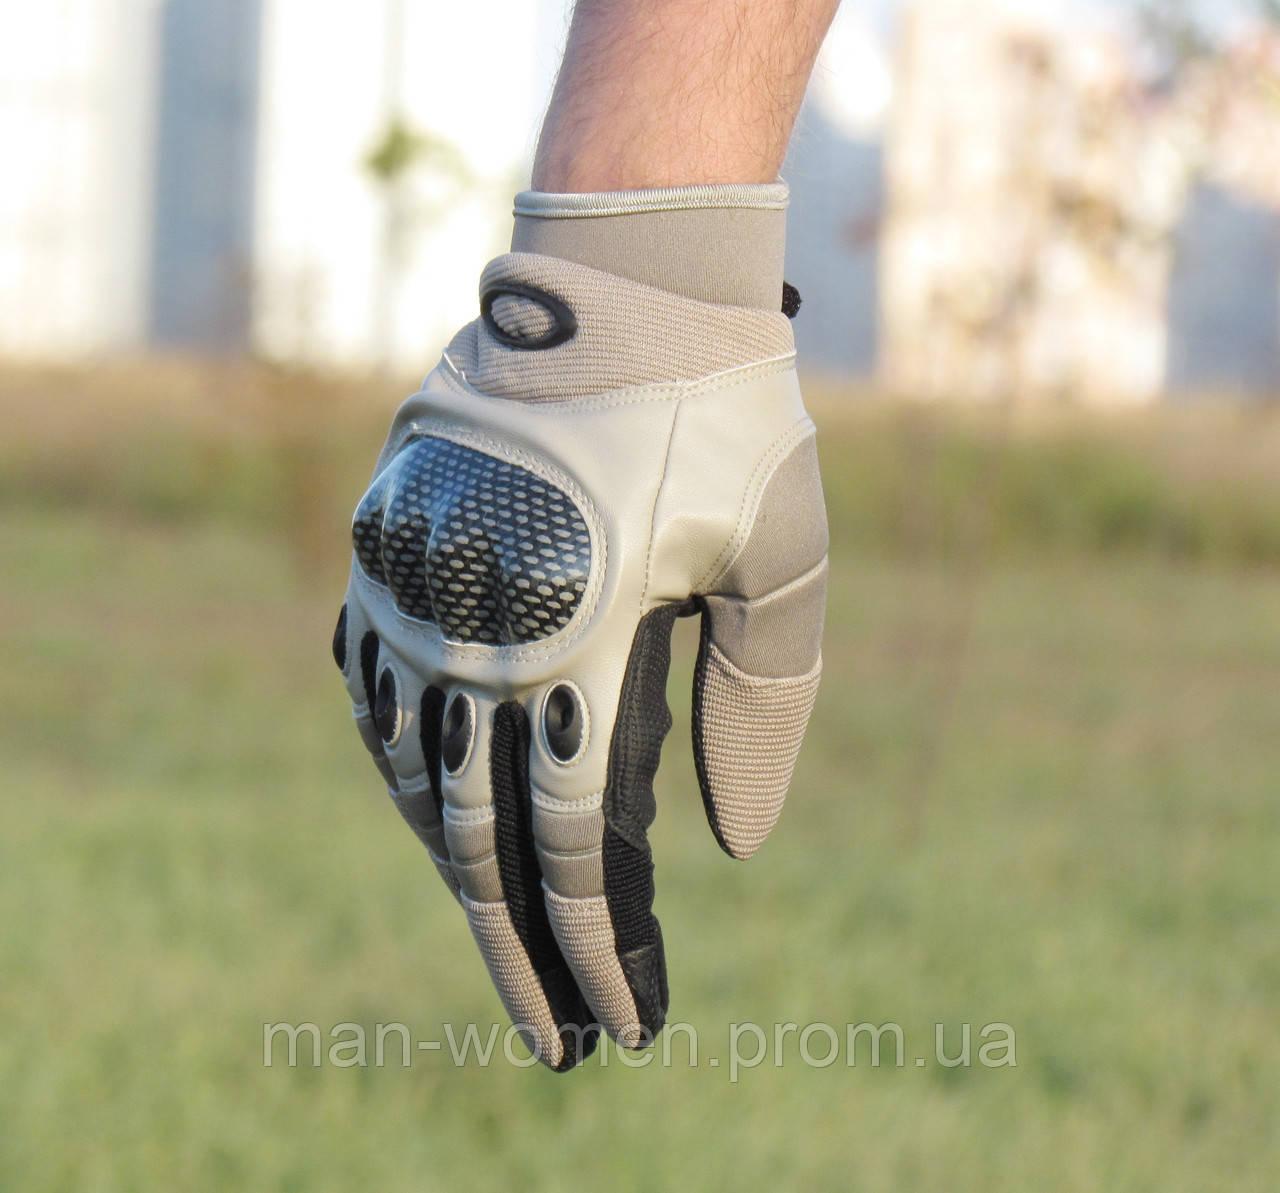 Перчатки тактические Оakley. Пустыня (расцветка - песок). Полнопалые